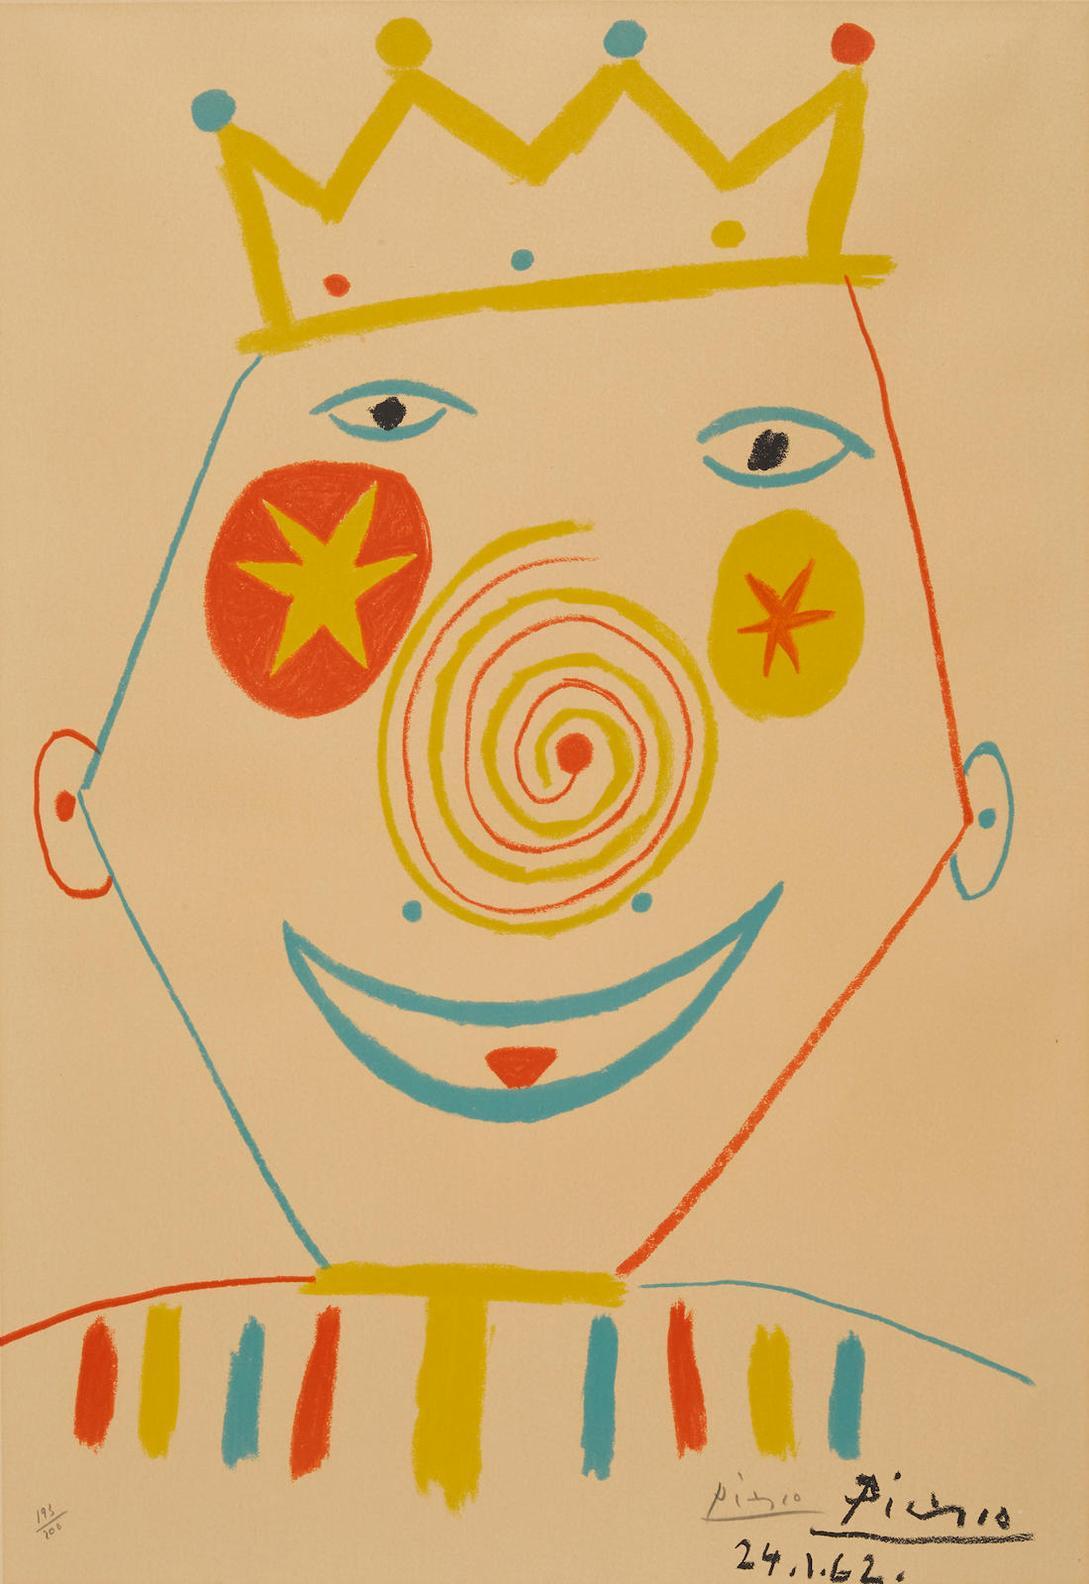 After Pablo Picasso - Le Clown-1962